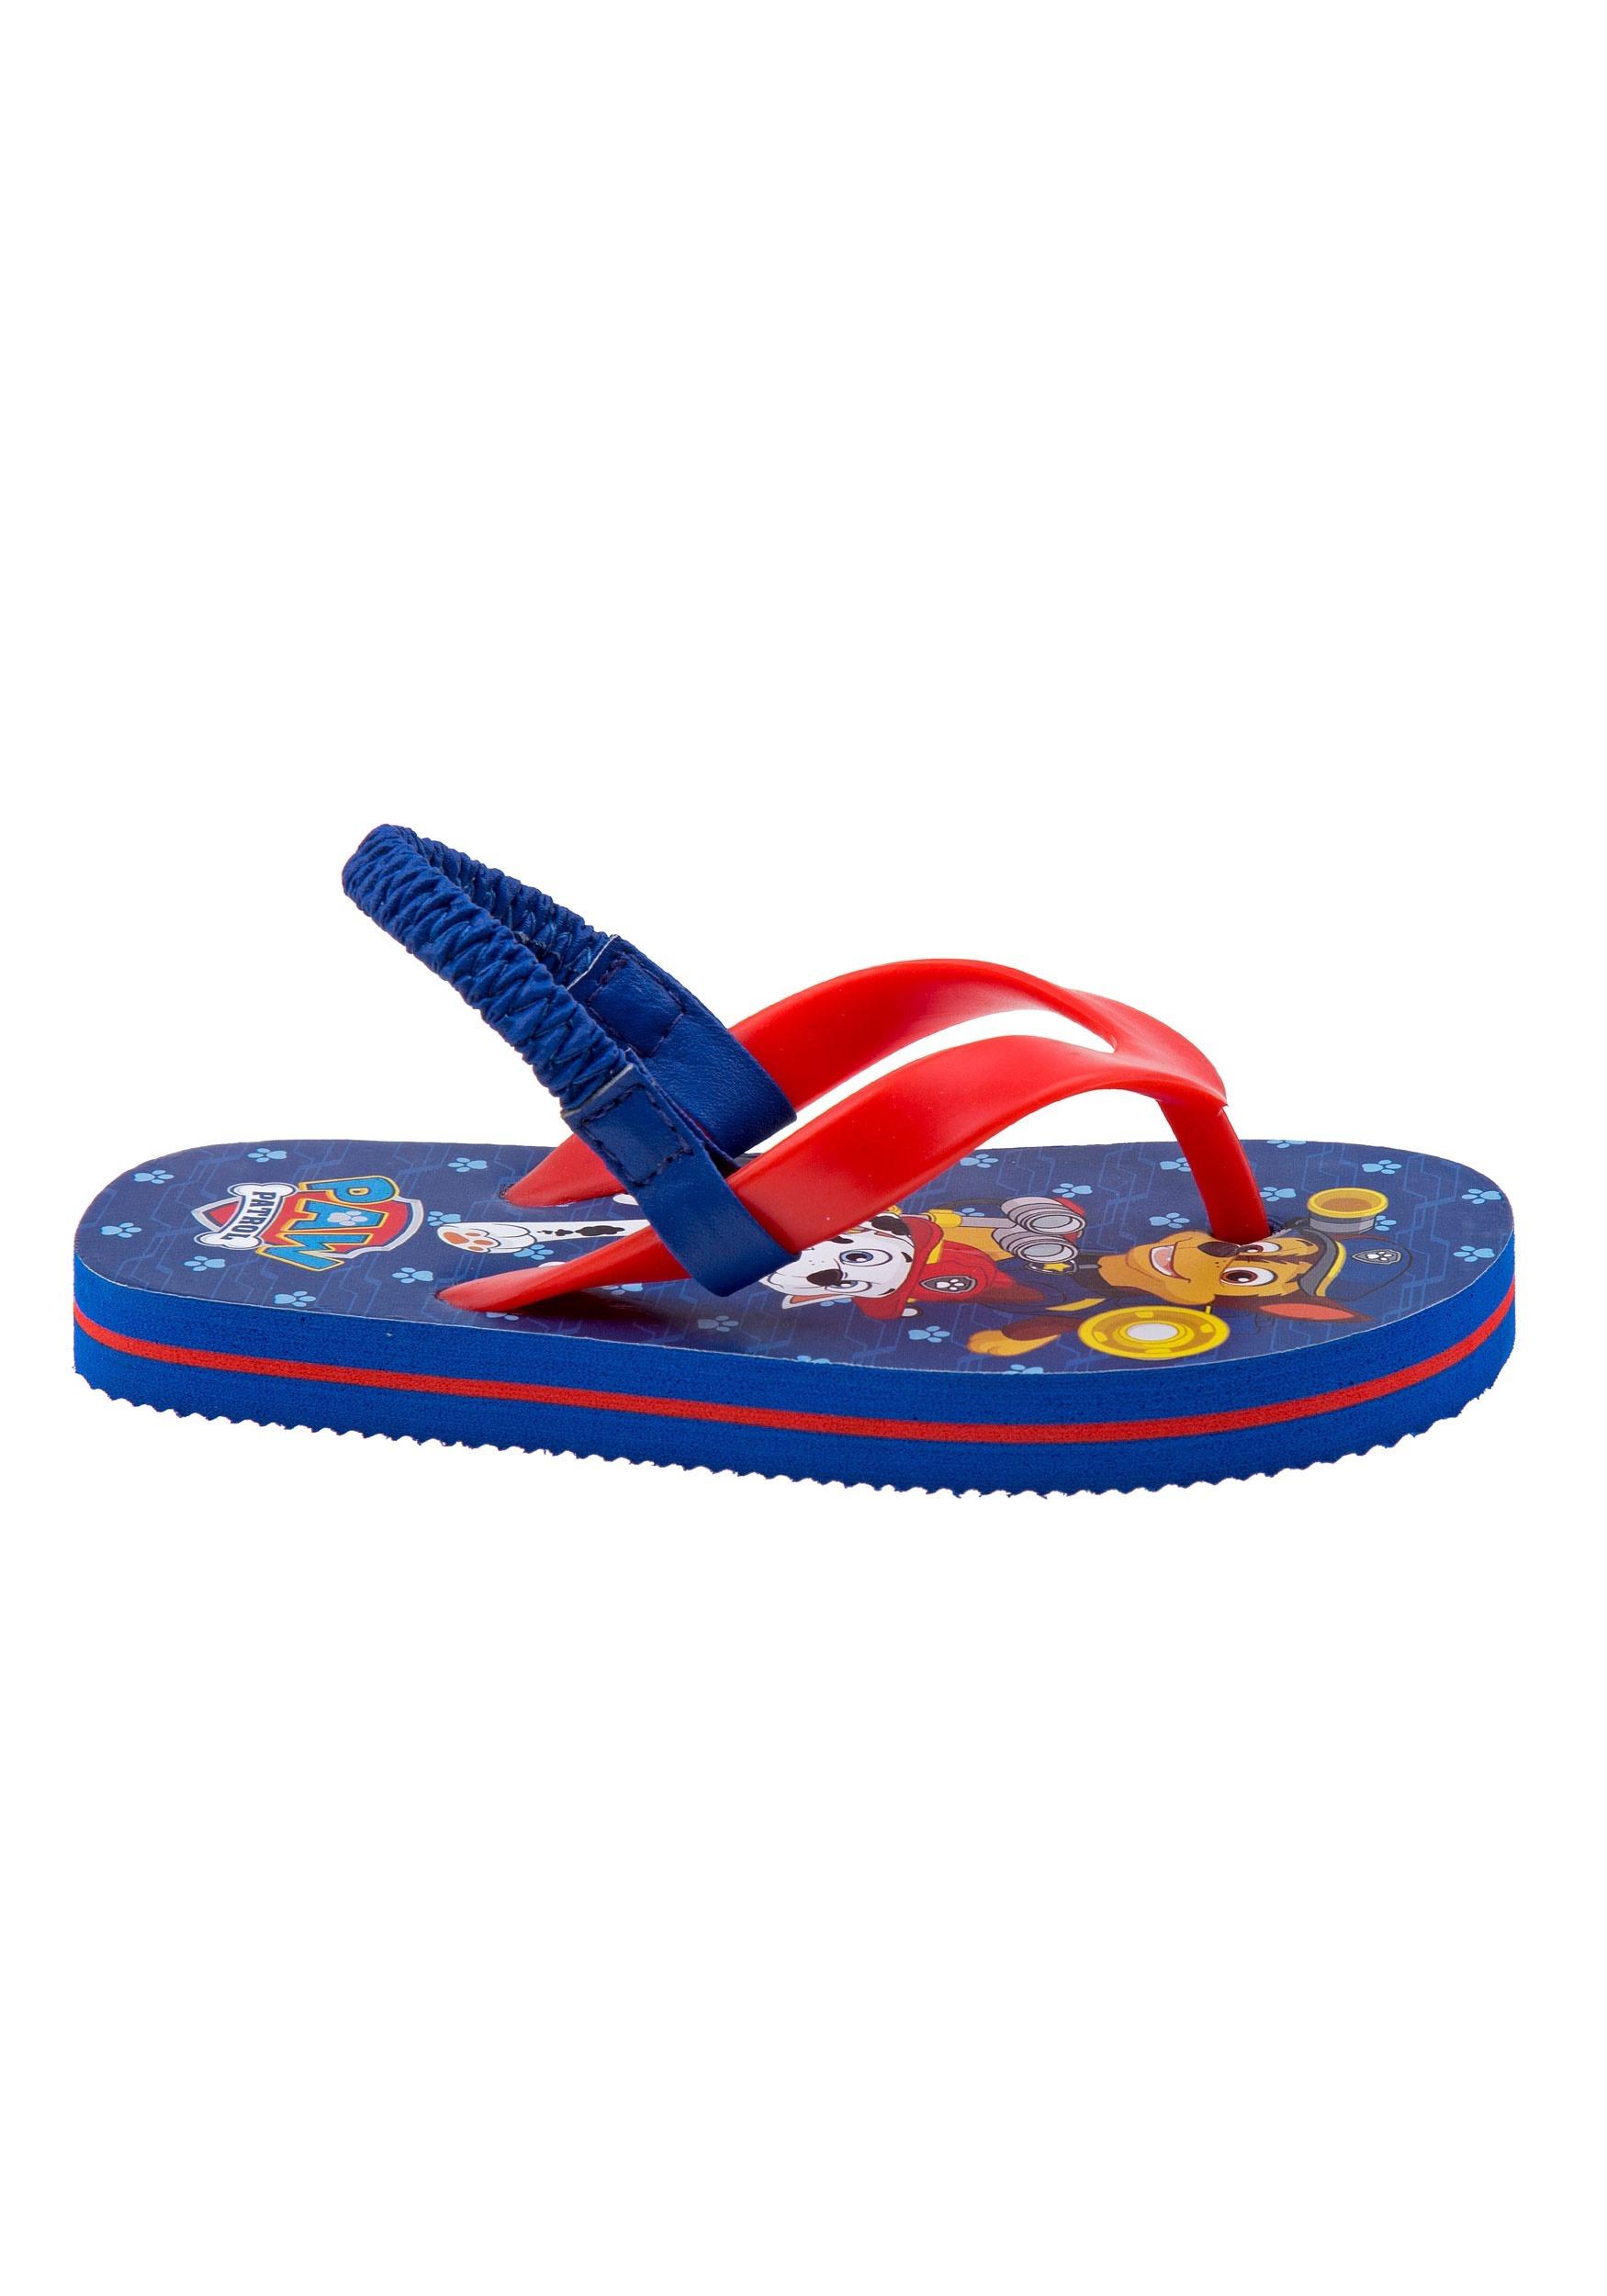 d53be9c983189 Paw Patrol Child Sandals Alt2